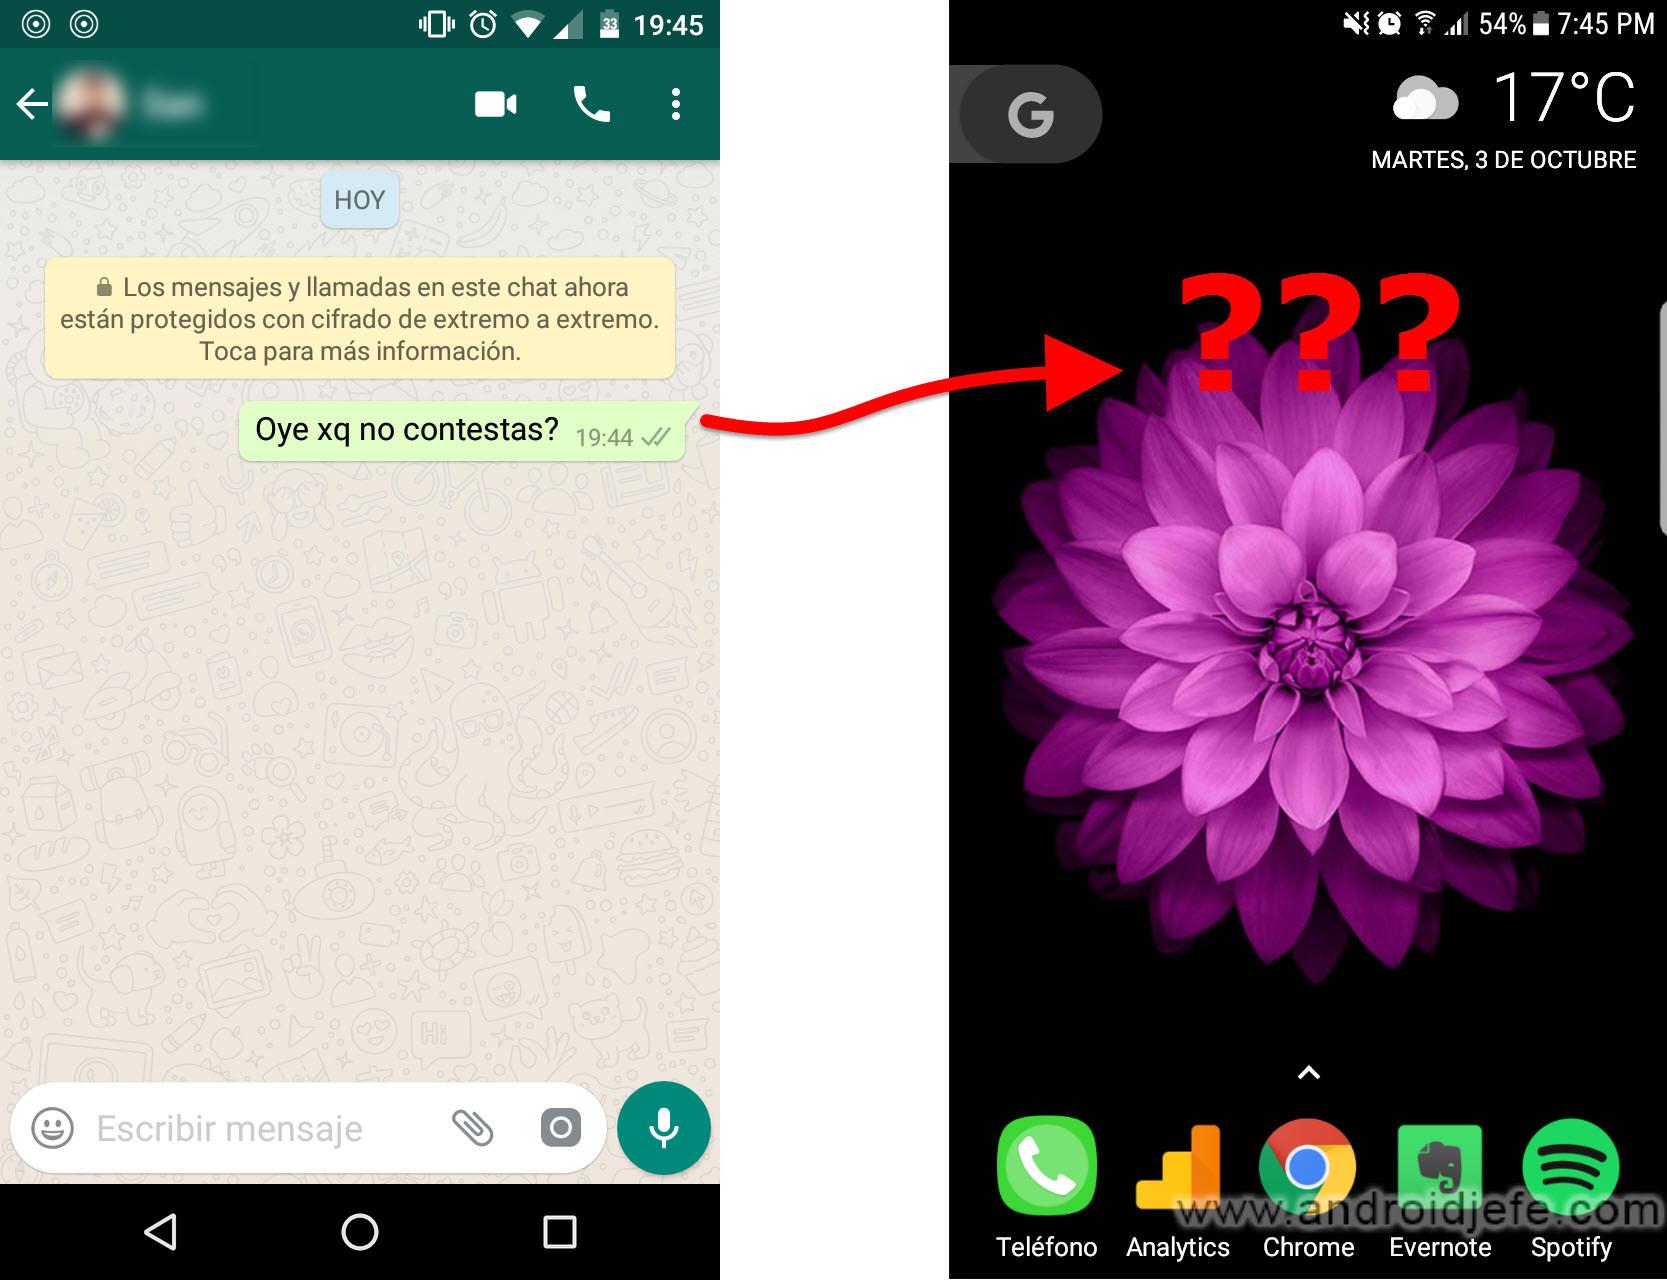 como ver todos los mensajes de whatsapp en la barra de notificaciones